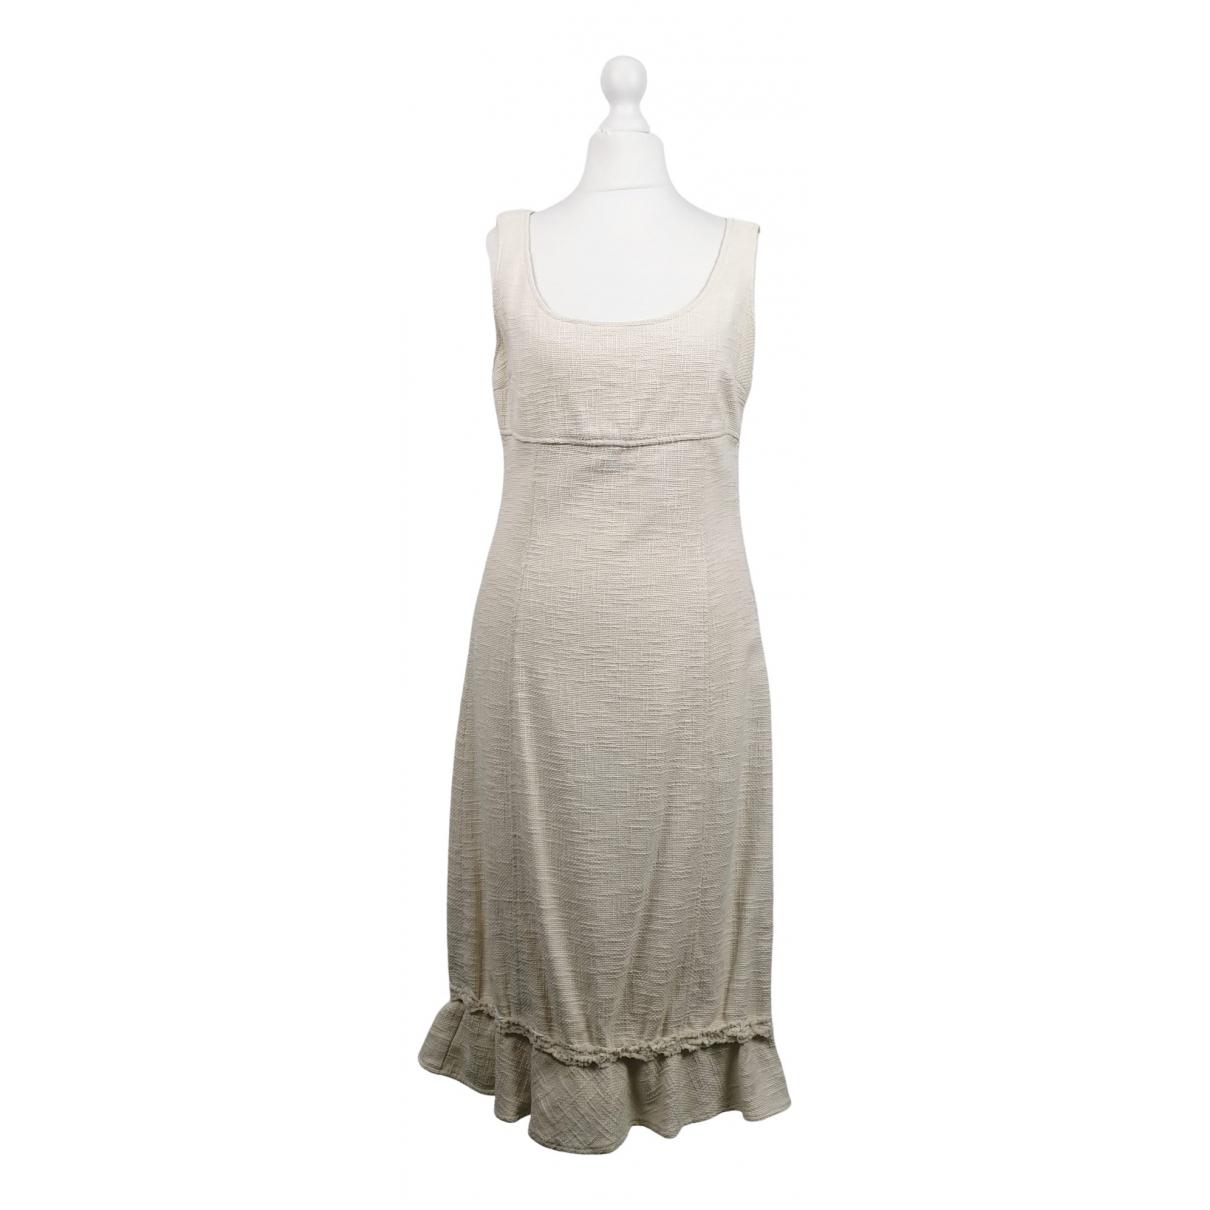 Max & Co \N Beige Cotton dress for Women 42 IT